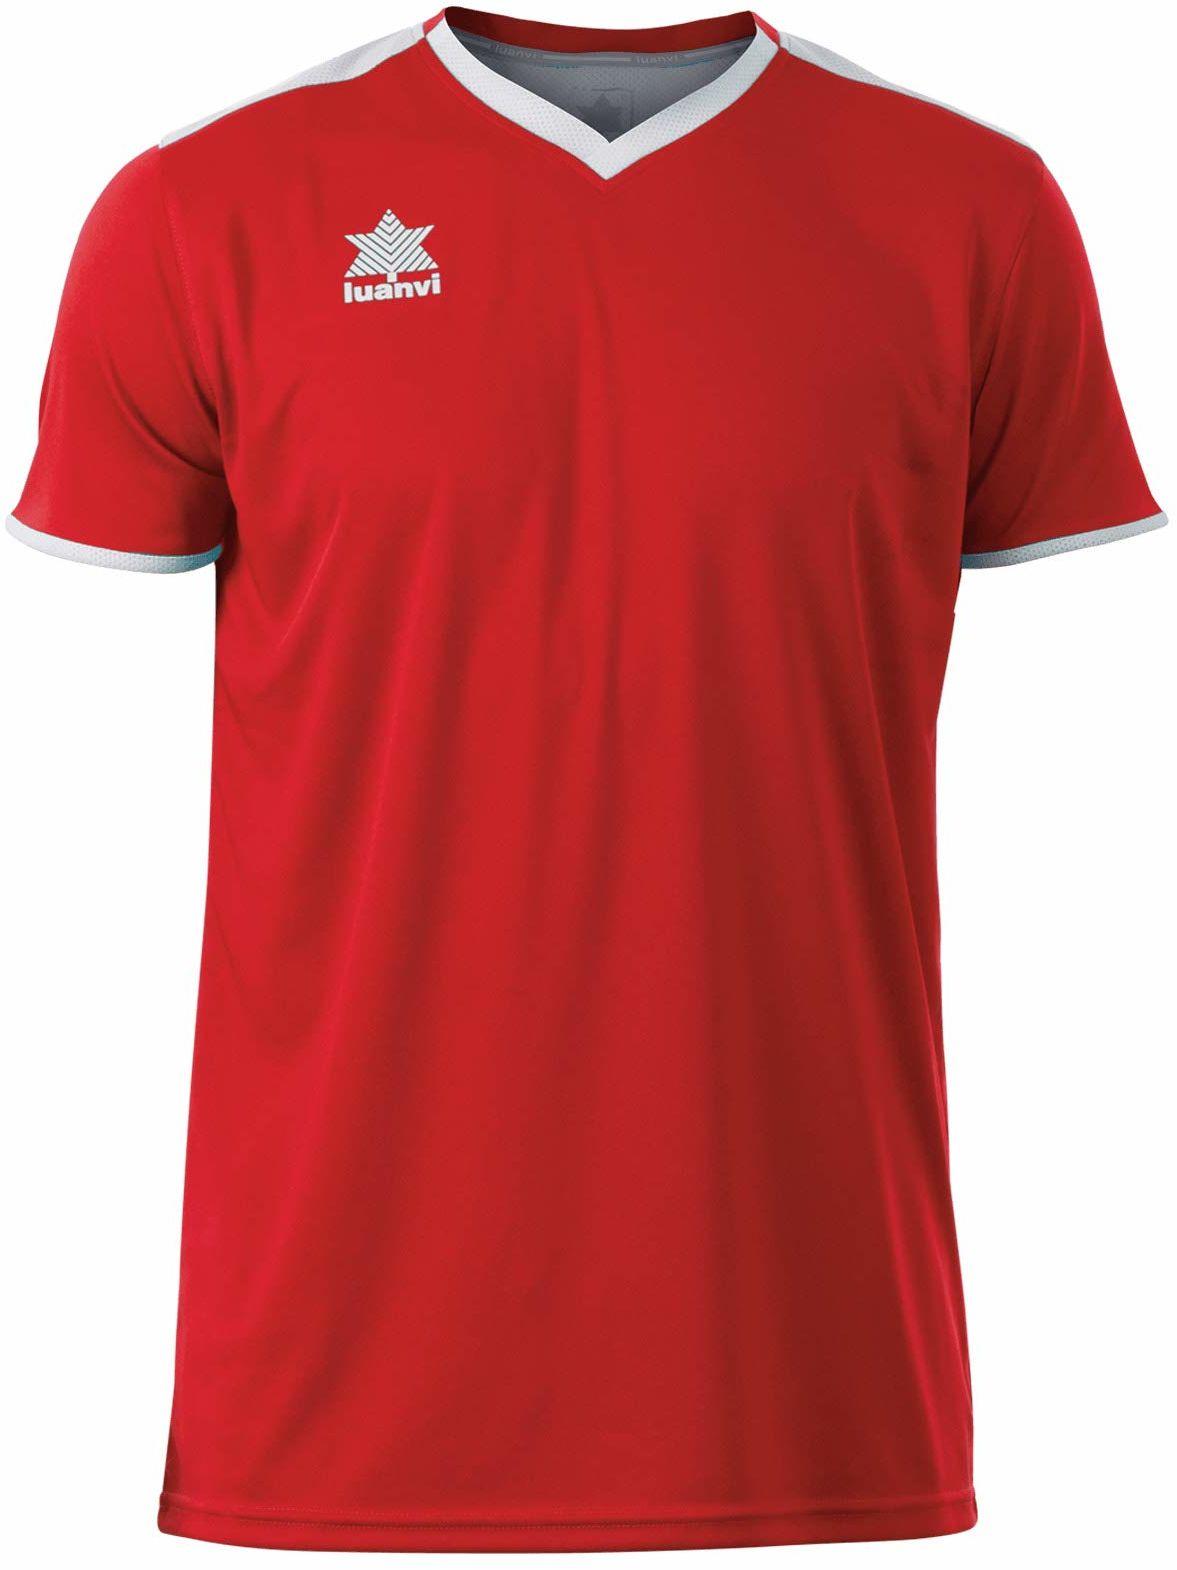 Luanvi Męski T-shirt Match z krótkimi rękawami. czerwony czerwony S